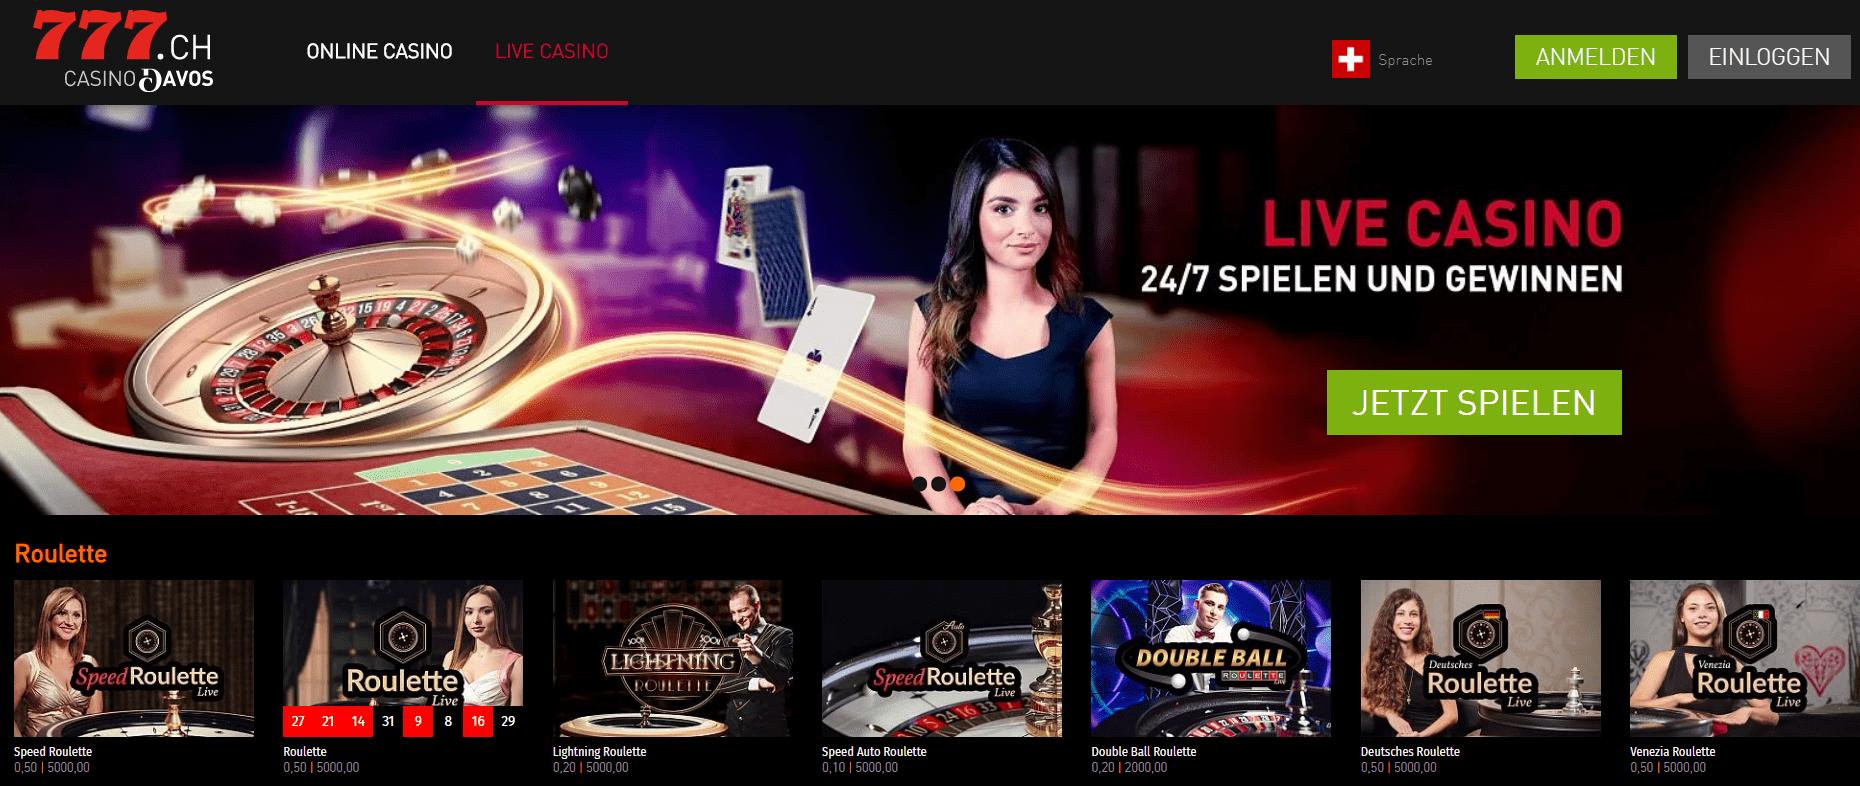 Casino777 ch live casino